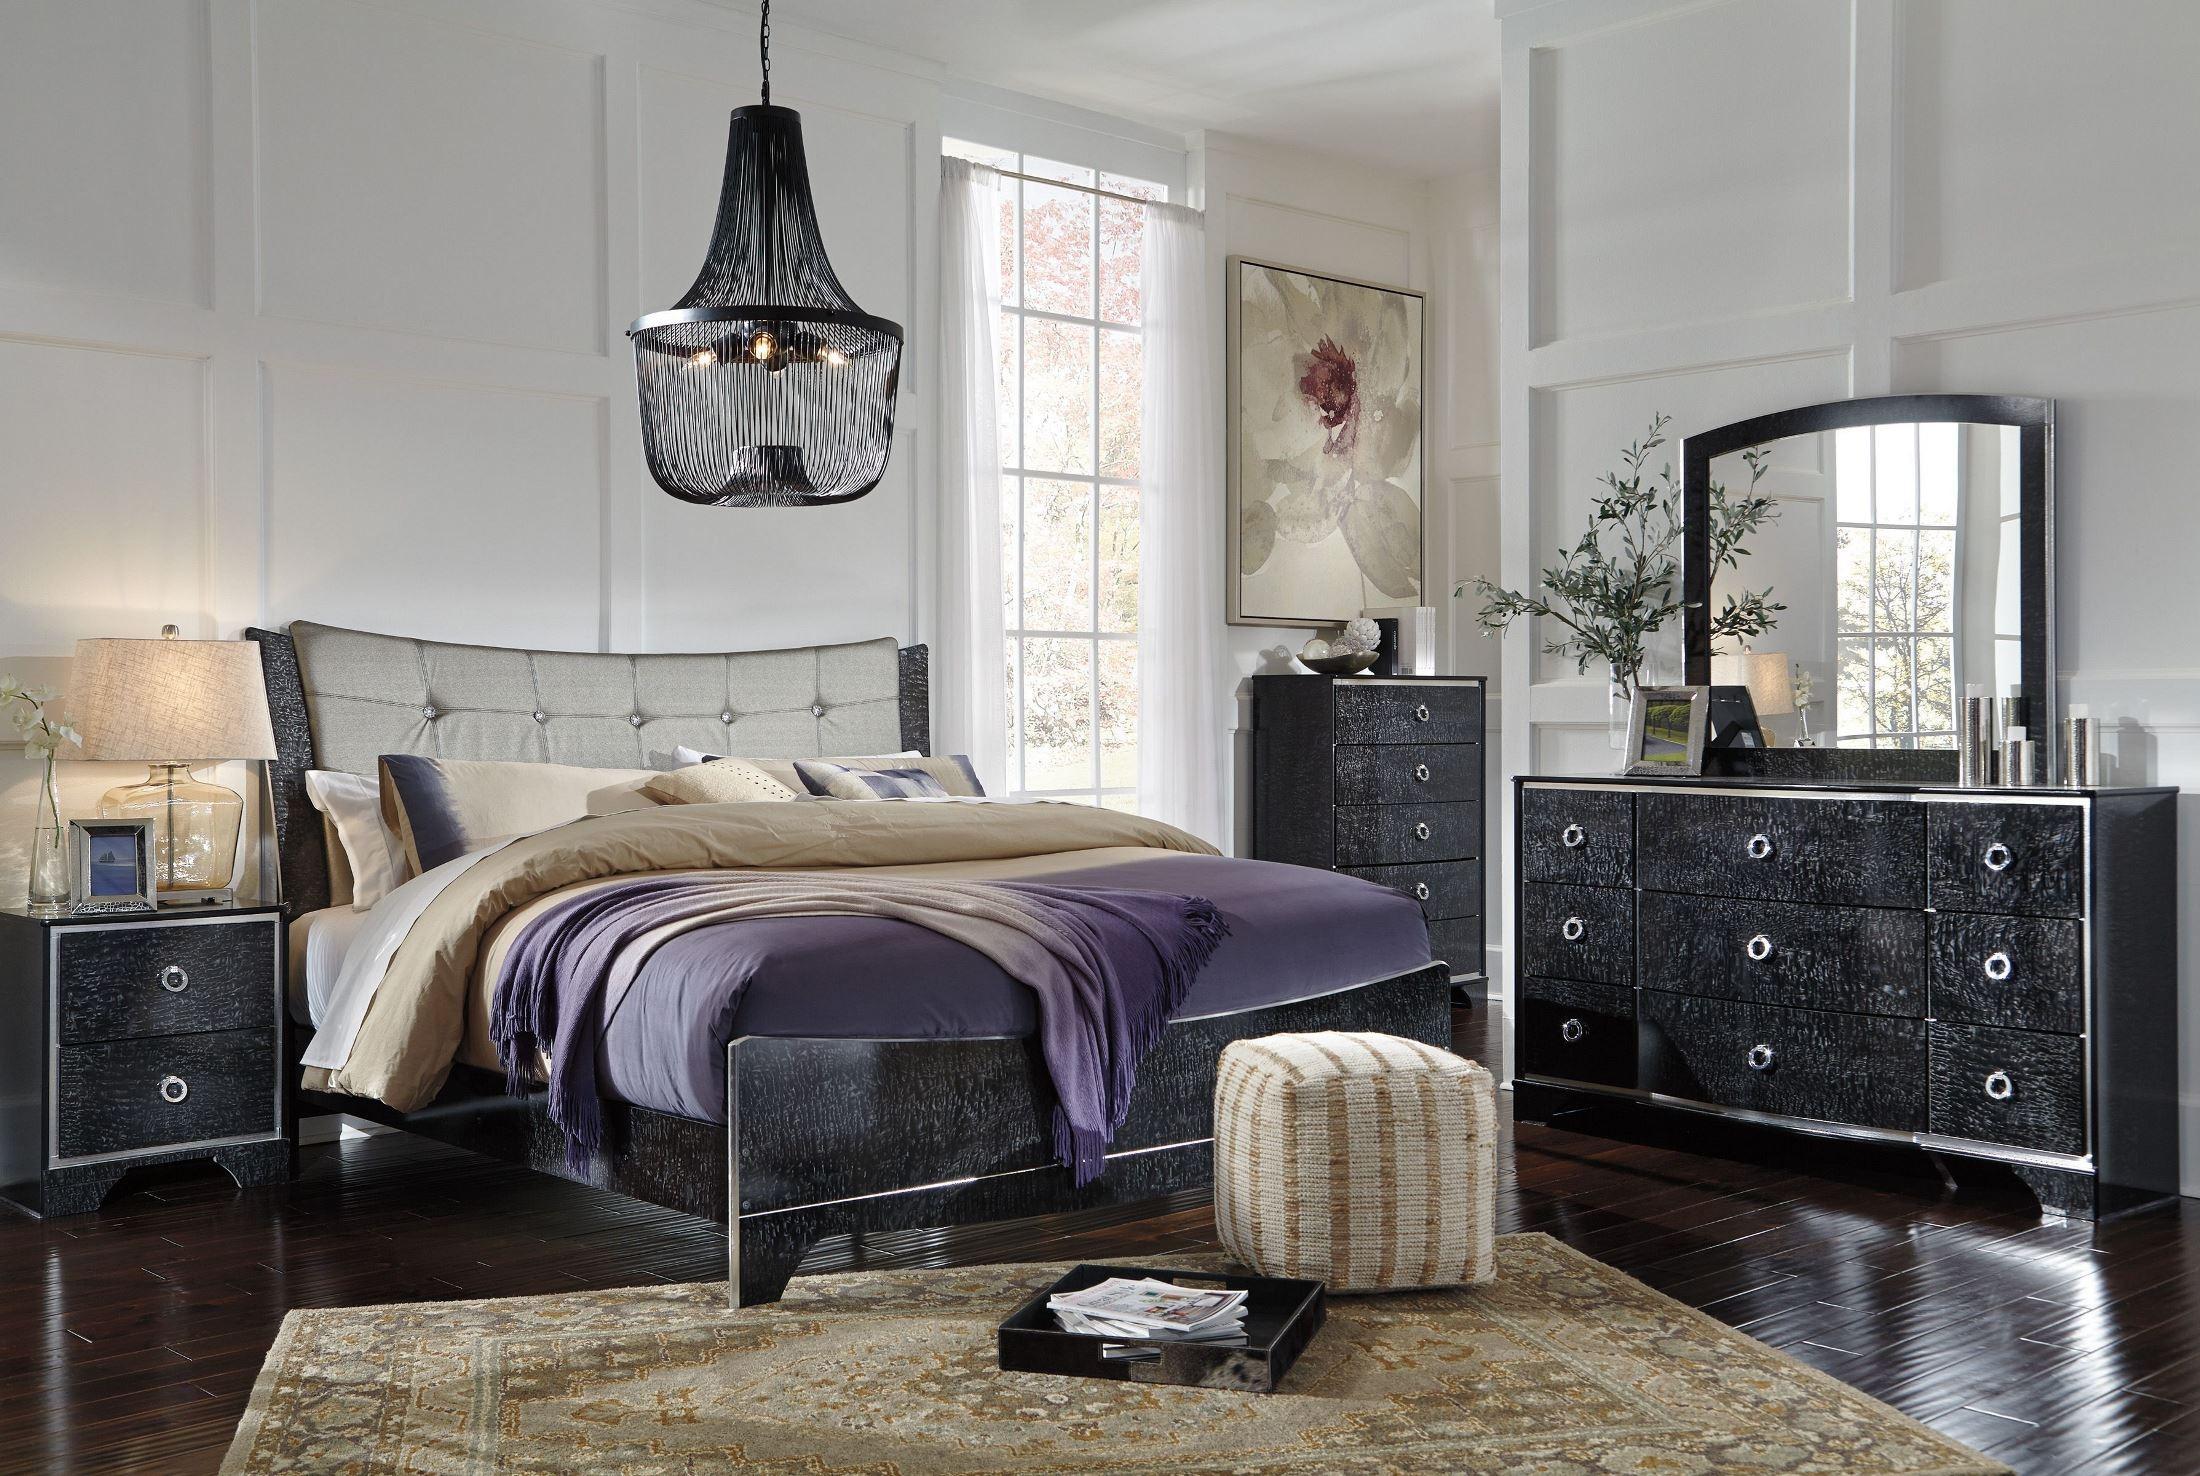 Amrothi Black Panel Bedroom Set, B257-57-54-96, Ashley